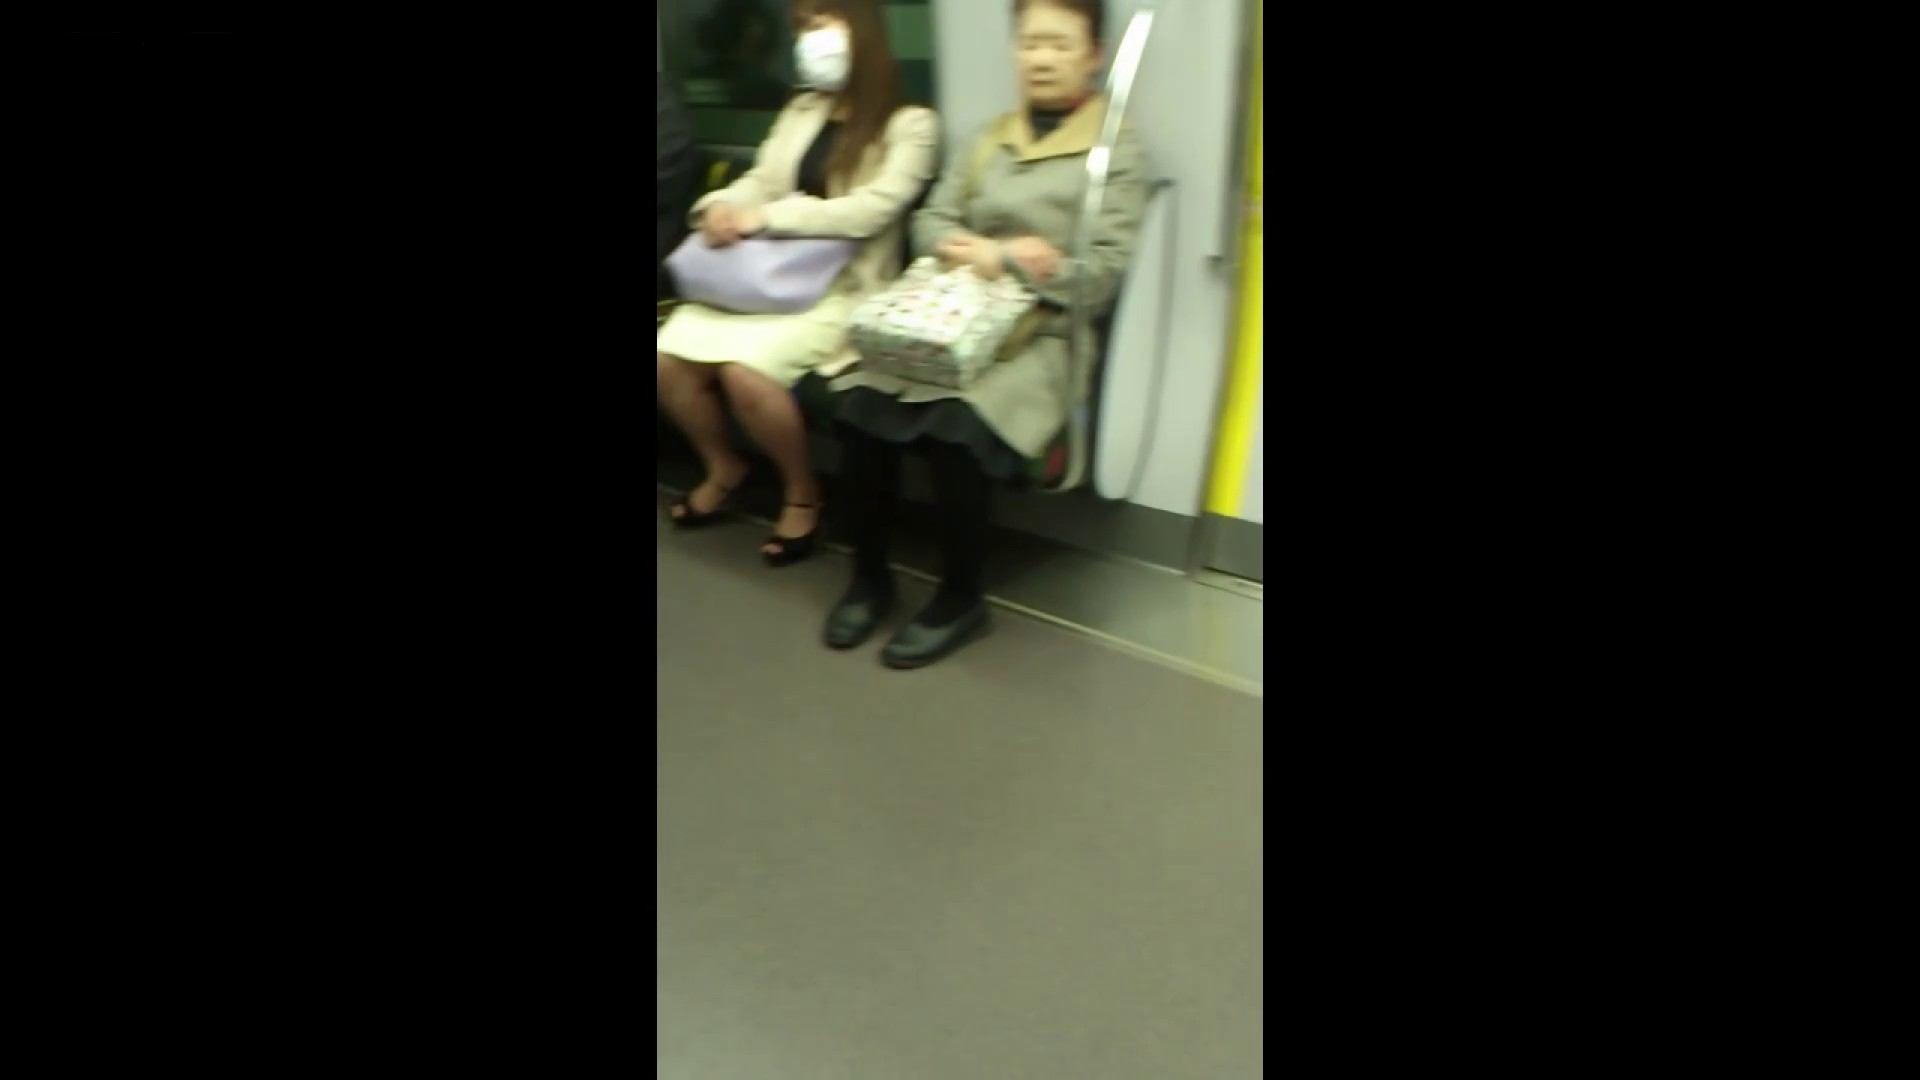 盗撮列車 Vol.55 黄色の爽やかなスカートが大好きです。 むっちり体型 オマンコ無修正動画無料 53画像 52